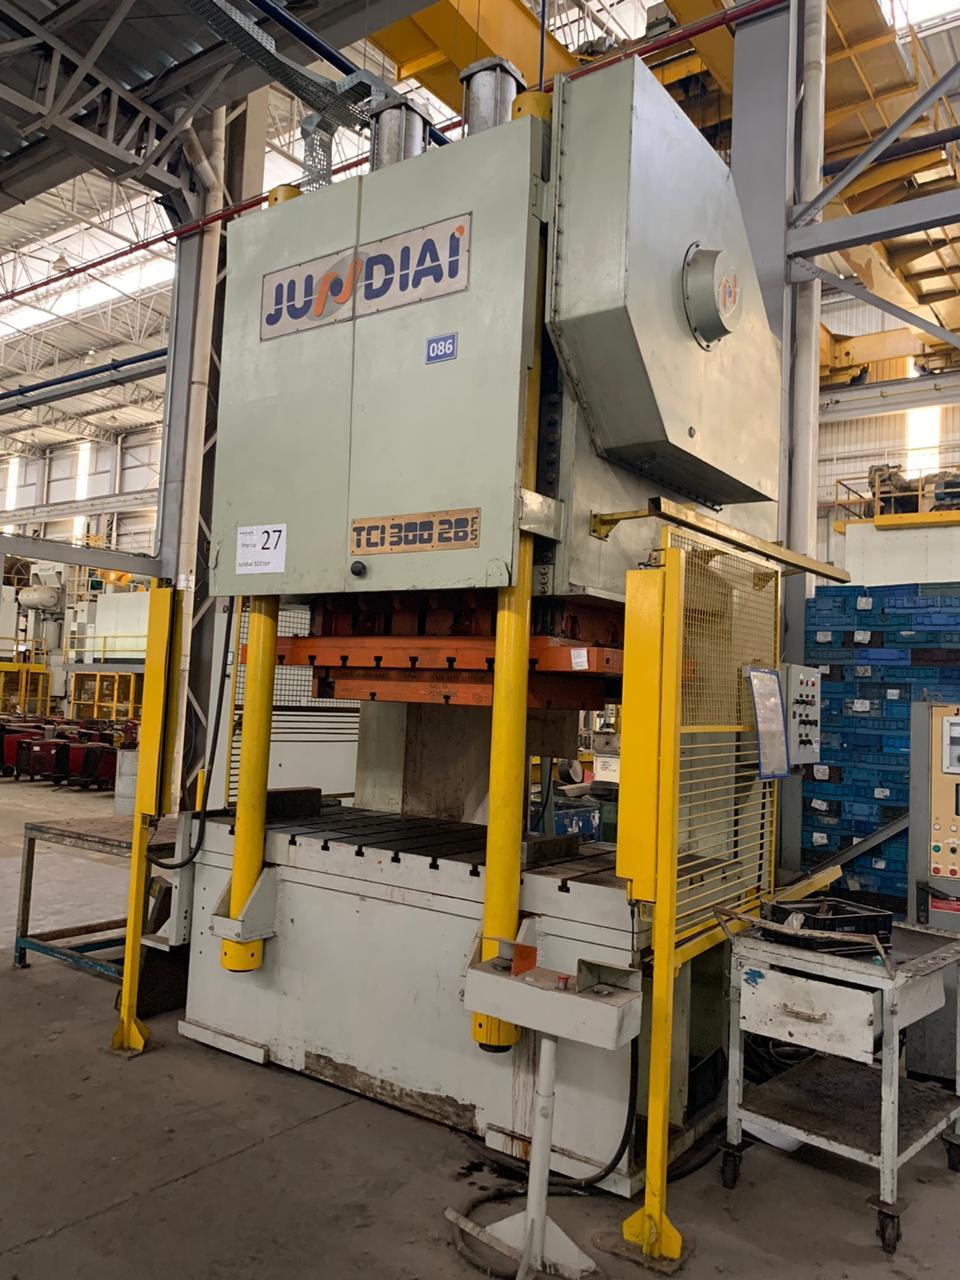 P27-Prensa Excêntrica tipo H  Jundiaí 300 ton Tci 300 F52e 2400mm x 1000mm